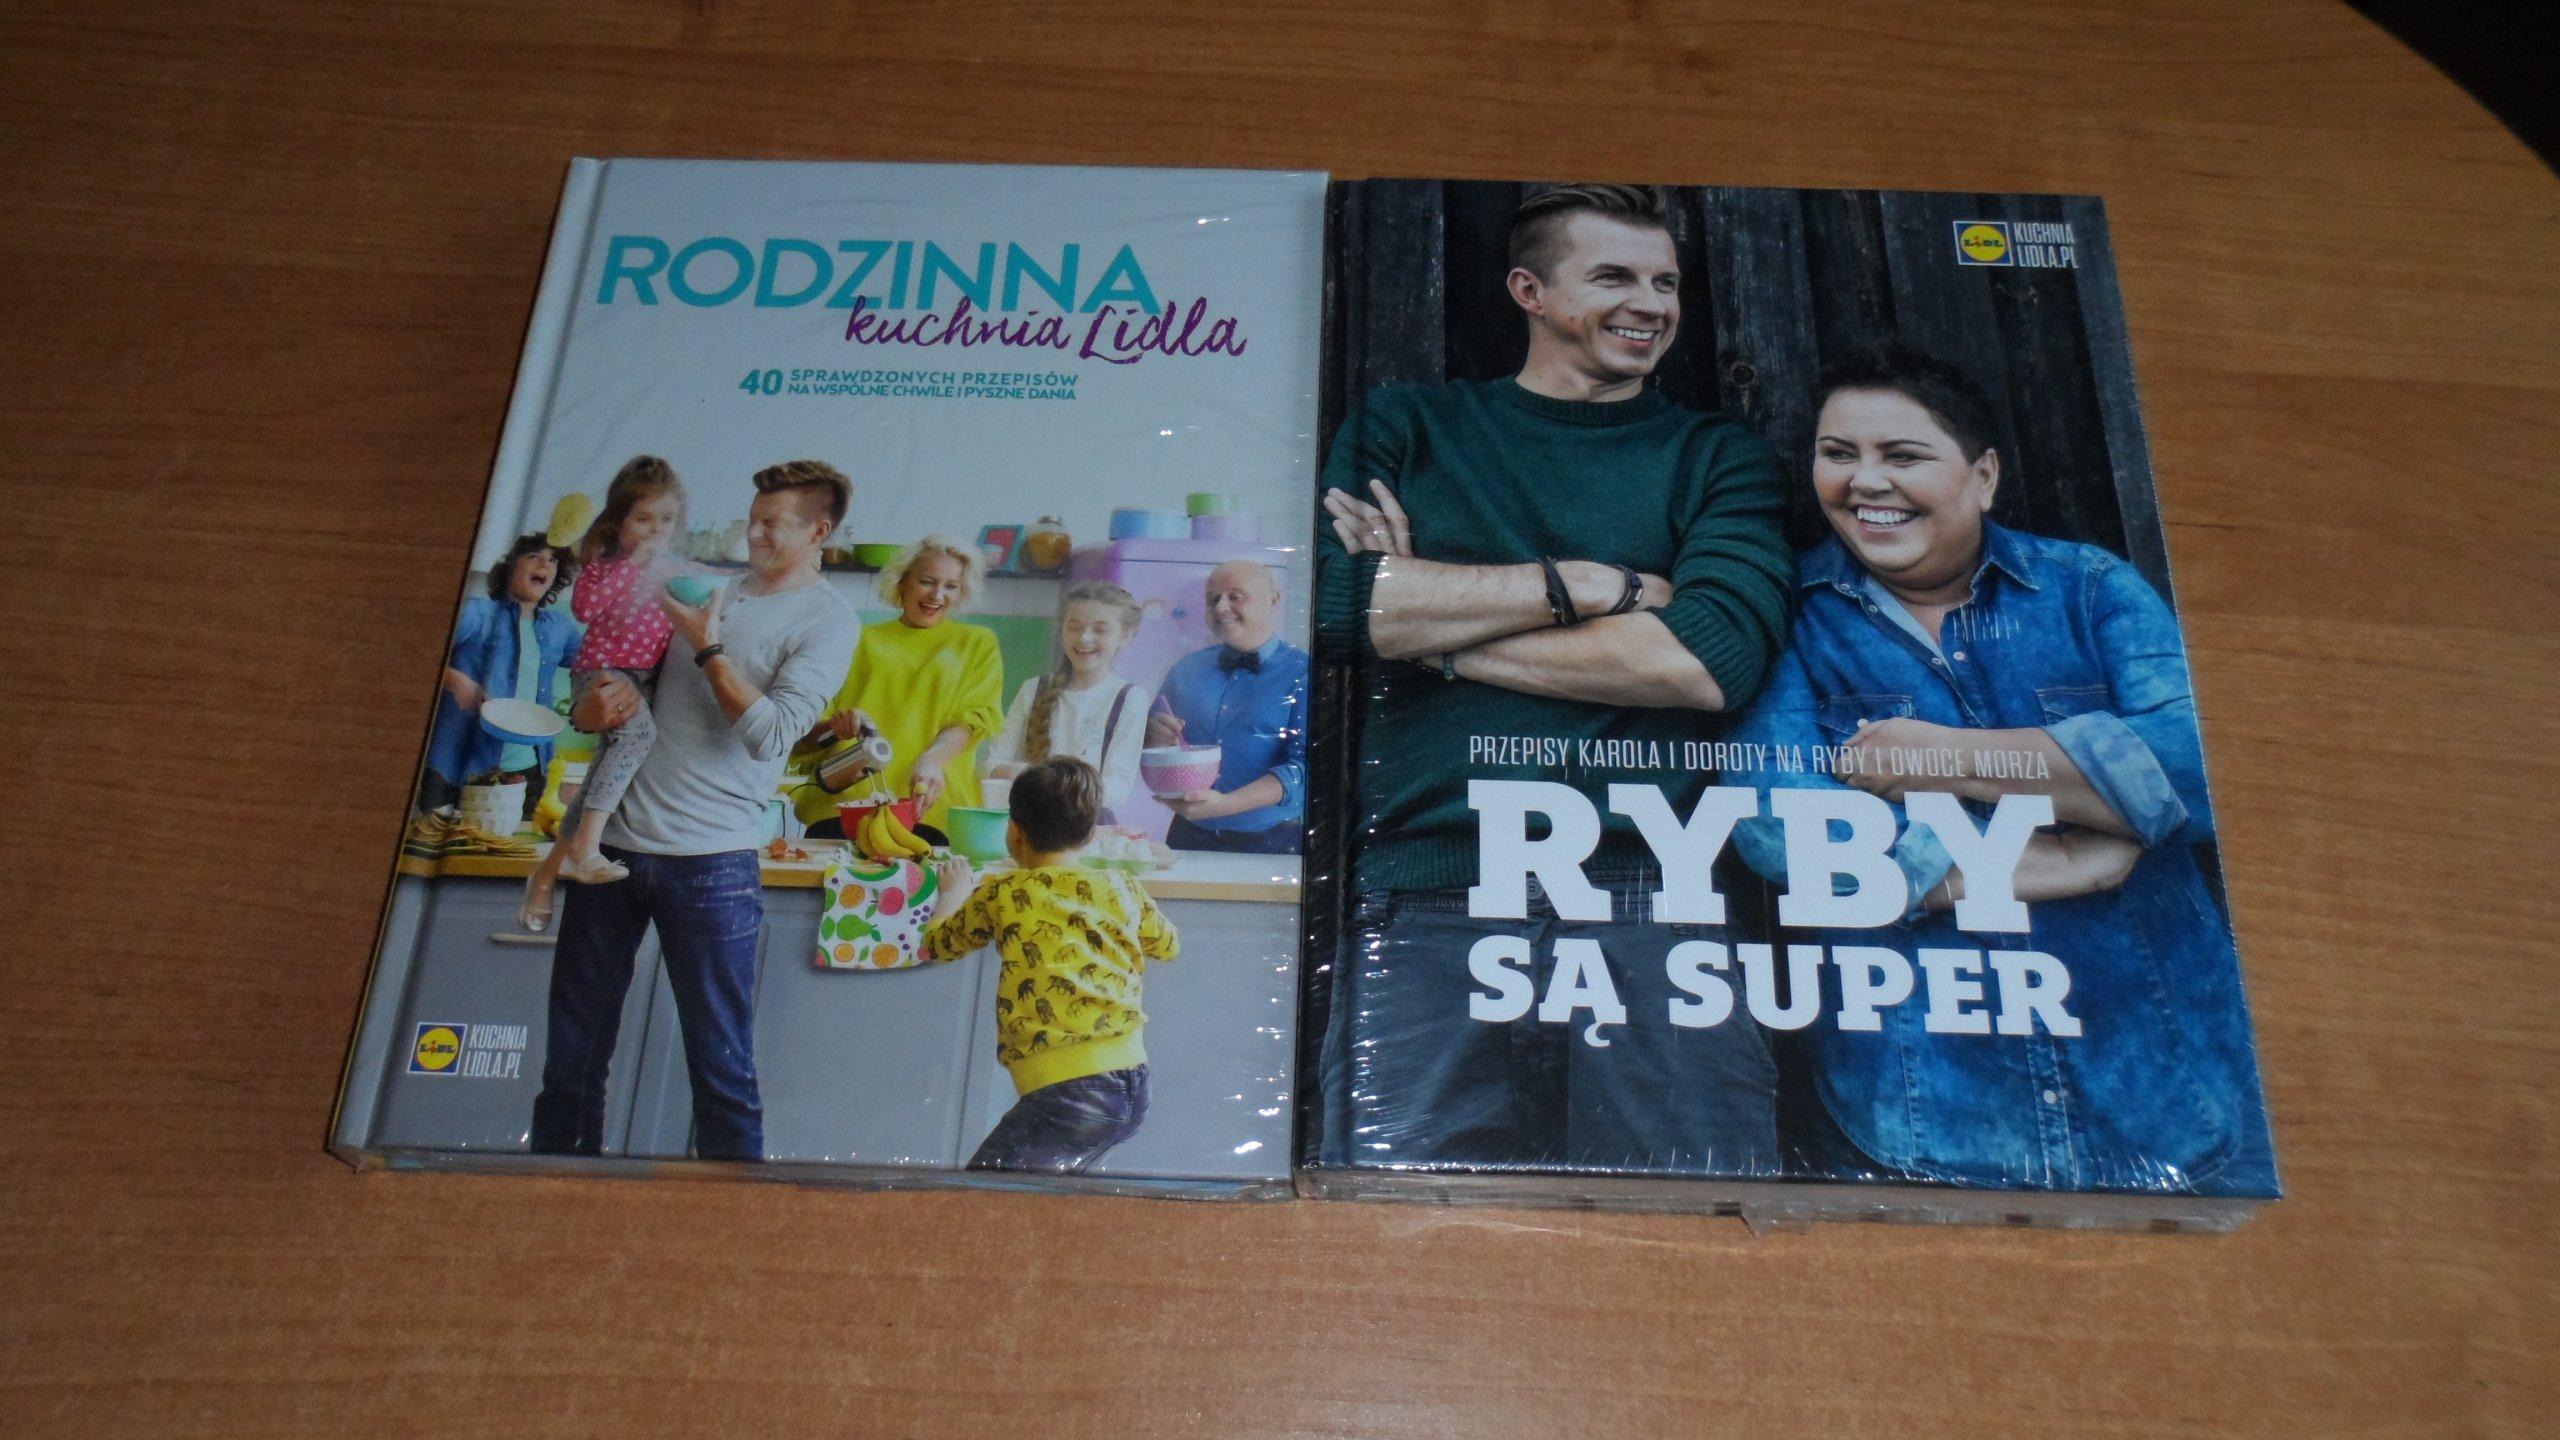 Nowe Ksiazki Rodzinna Kuchnia Lidla Ryby Sa Super 7289687972